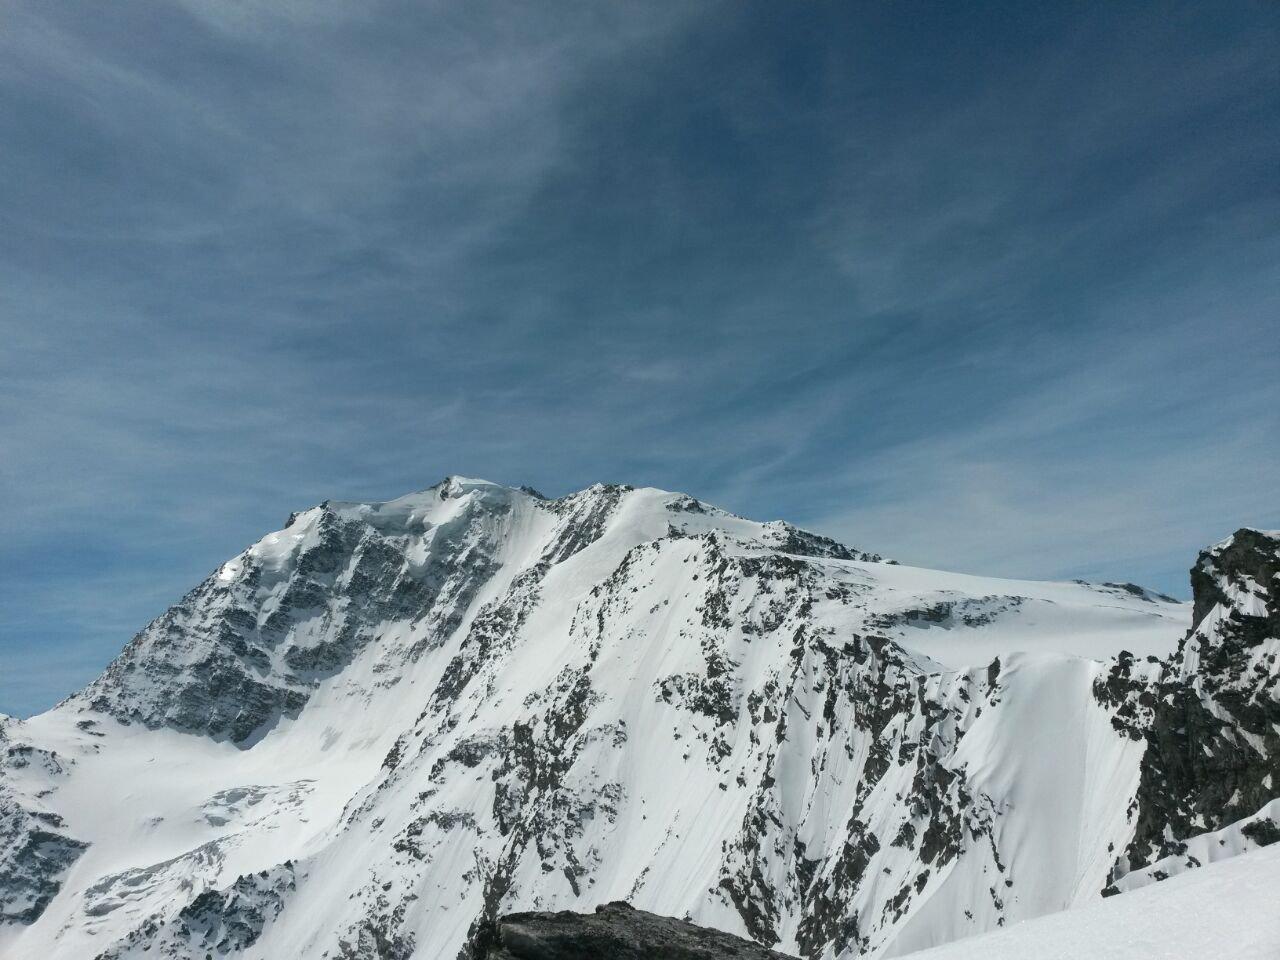 Vista dal deposito sci sul Fletschorn